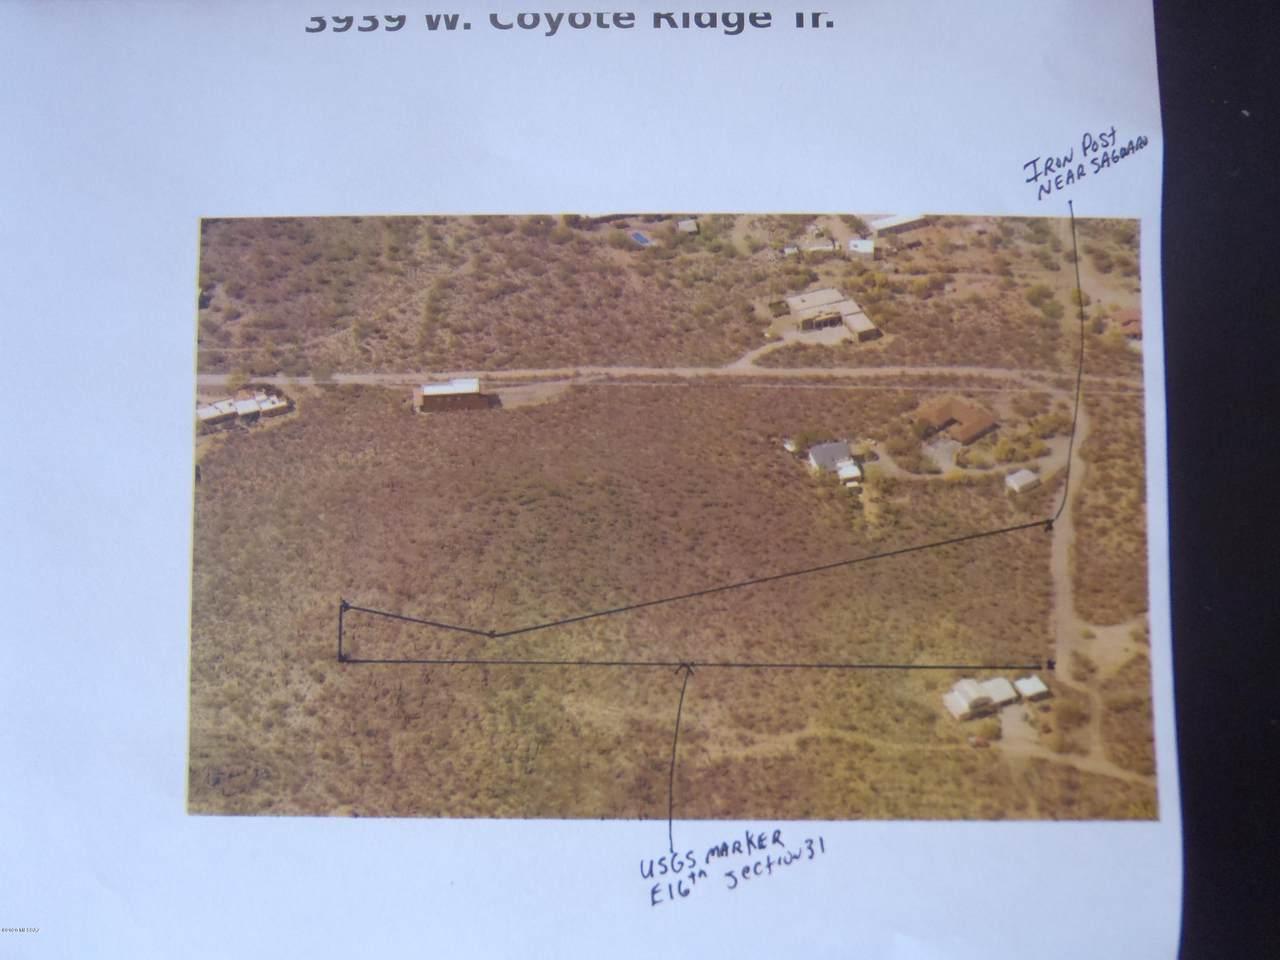 3939 Coyote Ridge Trail - Photo 1